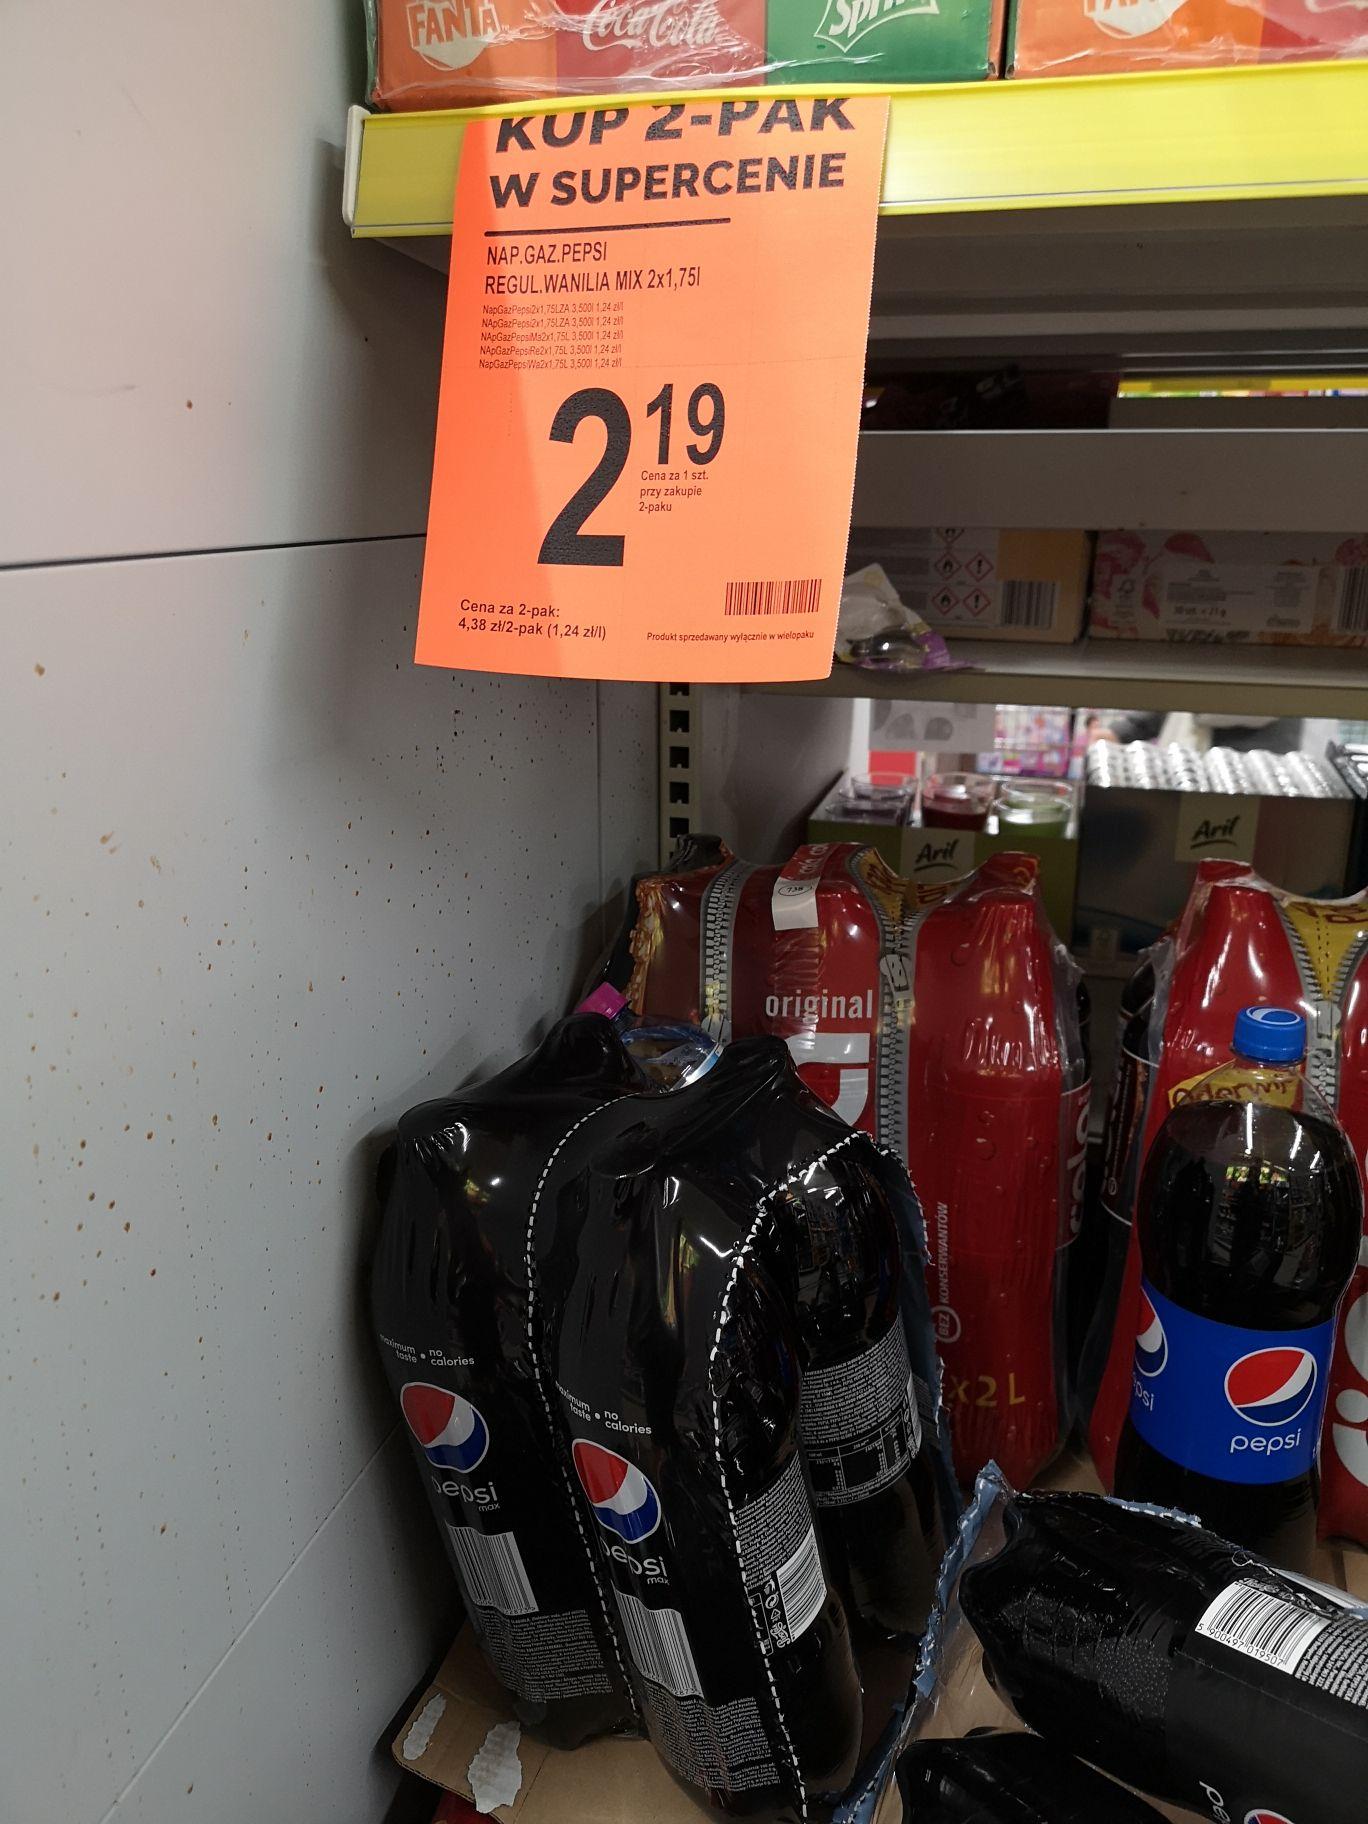 Pepsi 1,75l (różne rodzaje) za 2,19zł szt. przy zakupie 2 szt, @ Biedronka